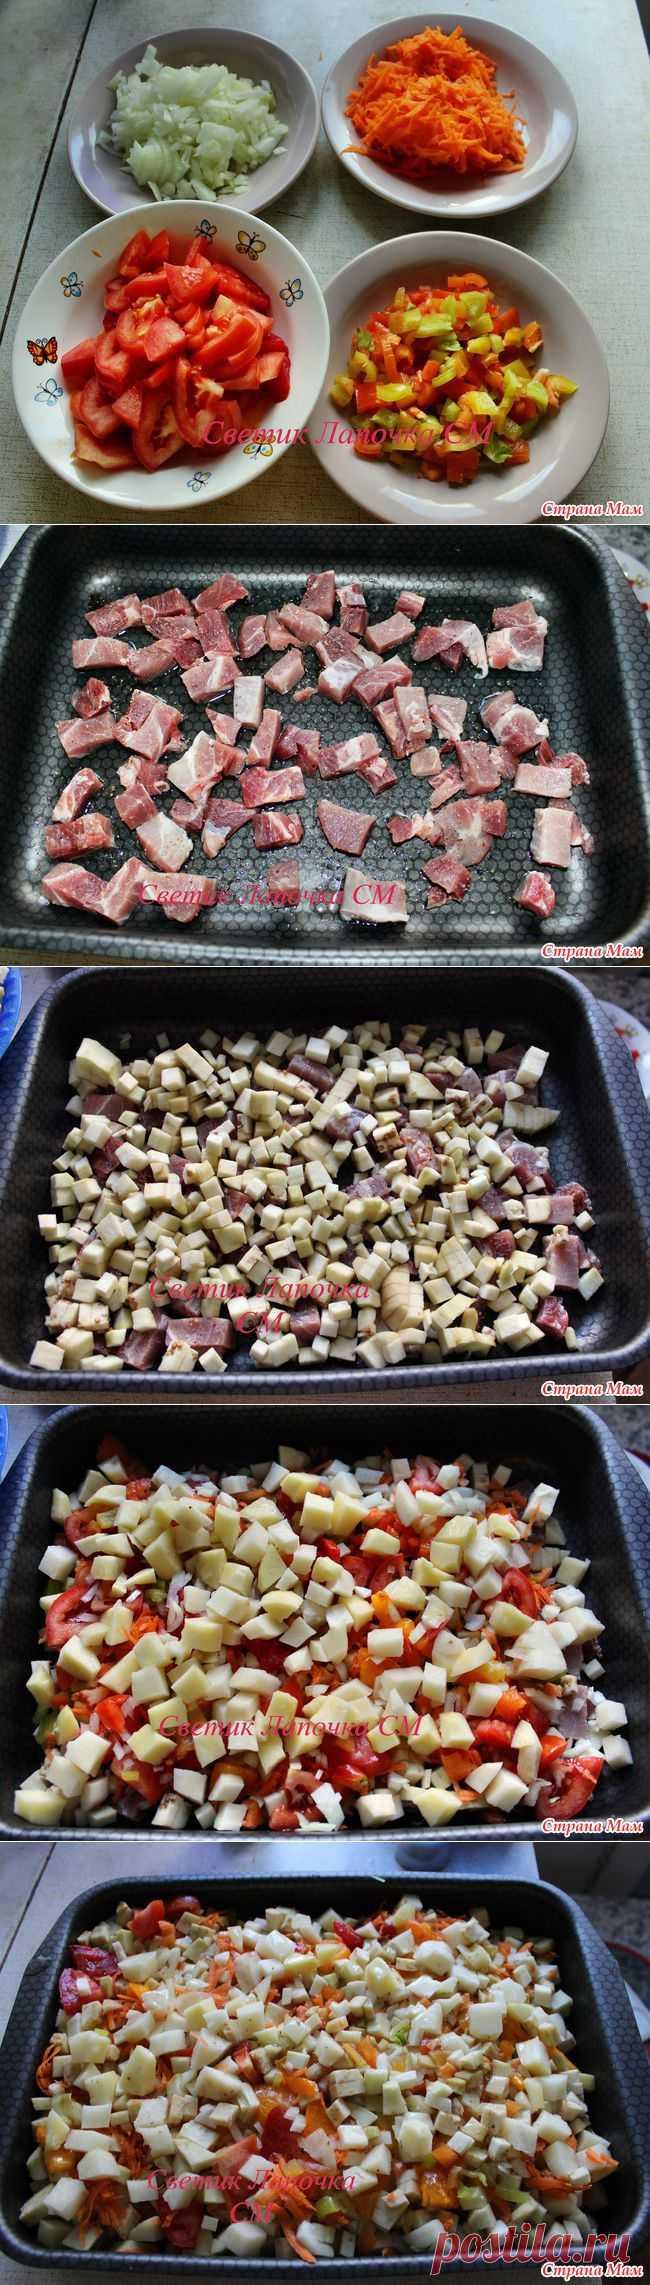 Баклажаны с мясом в духовке: Домашнее хозяйство - Страна Мам